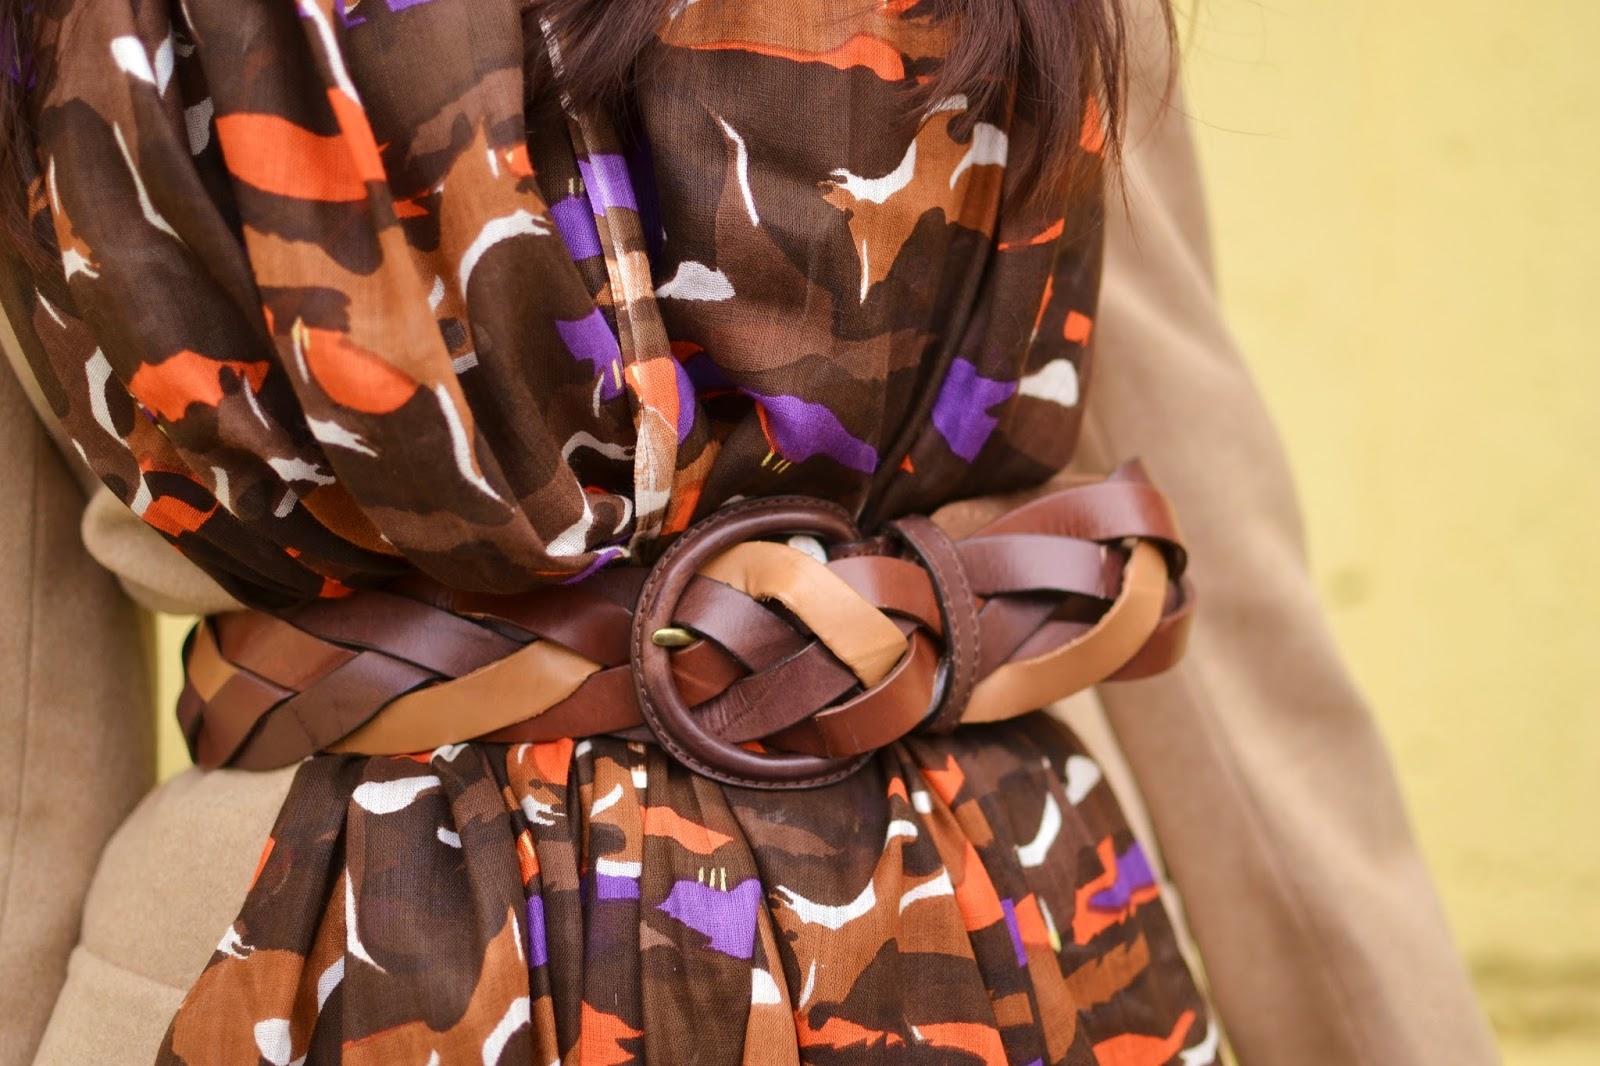 Súhra doplnkov_Katharine-fashion is beautiful_Fialový klobúk Parfois_Vzorovaný šál_Fialové kožené rukavice_Katarína Jakubčová_Fashion blogger